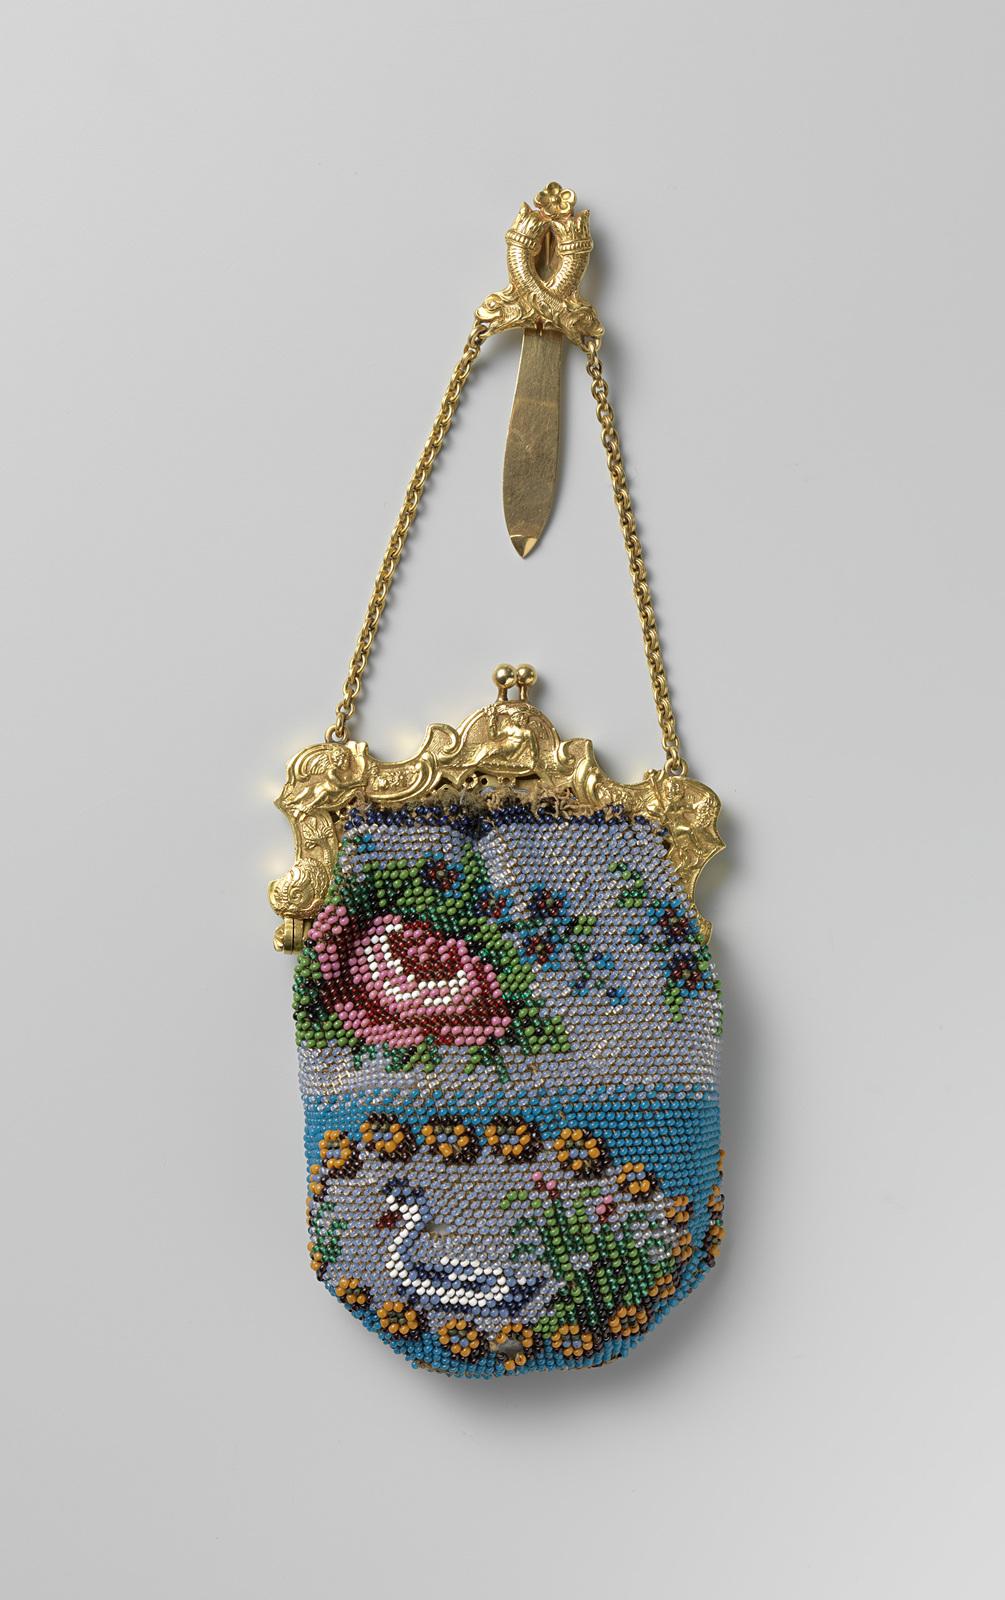 3b112658213 Kralen beurs met een gouden beugel en haak - PICRYL Public Domain Image